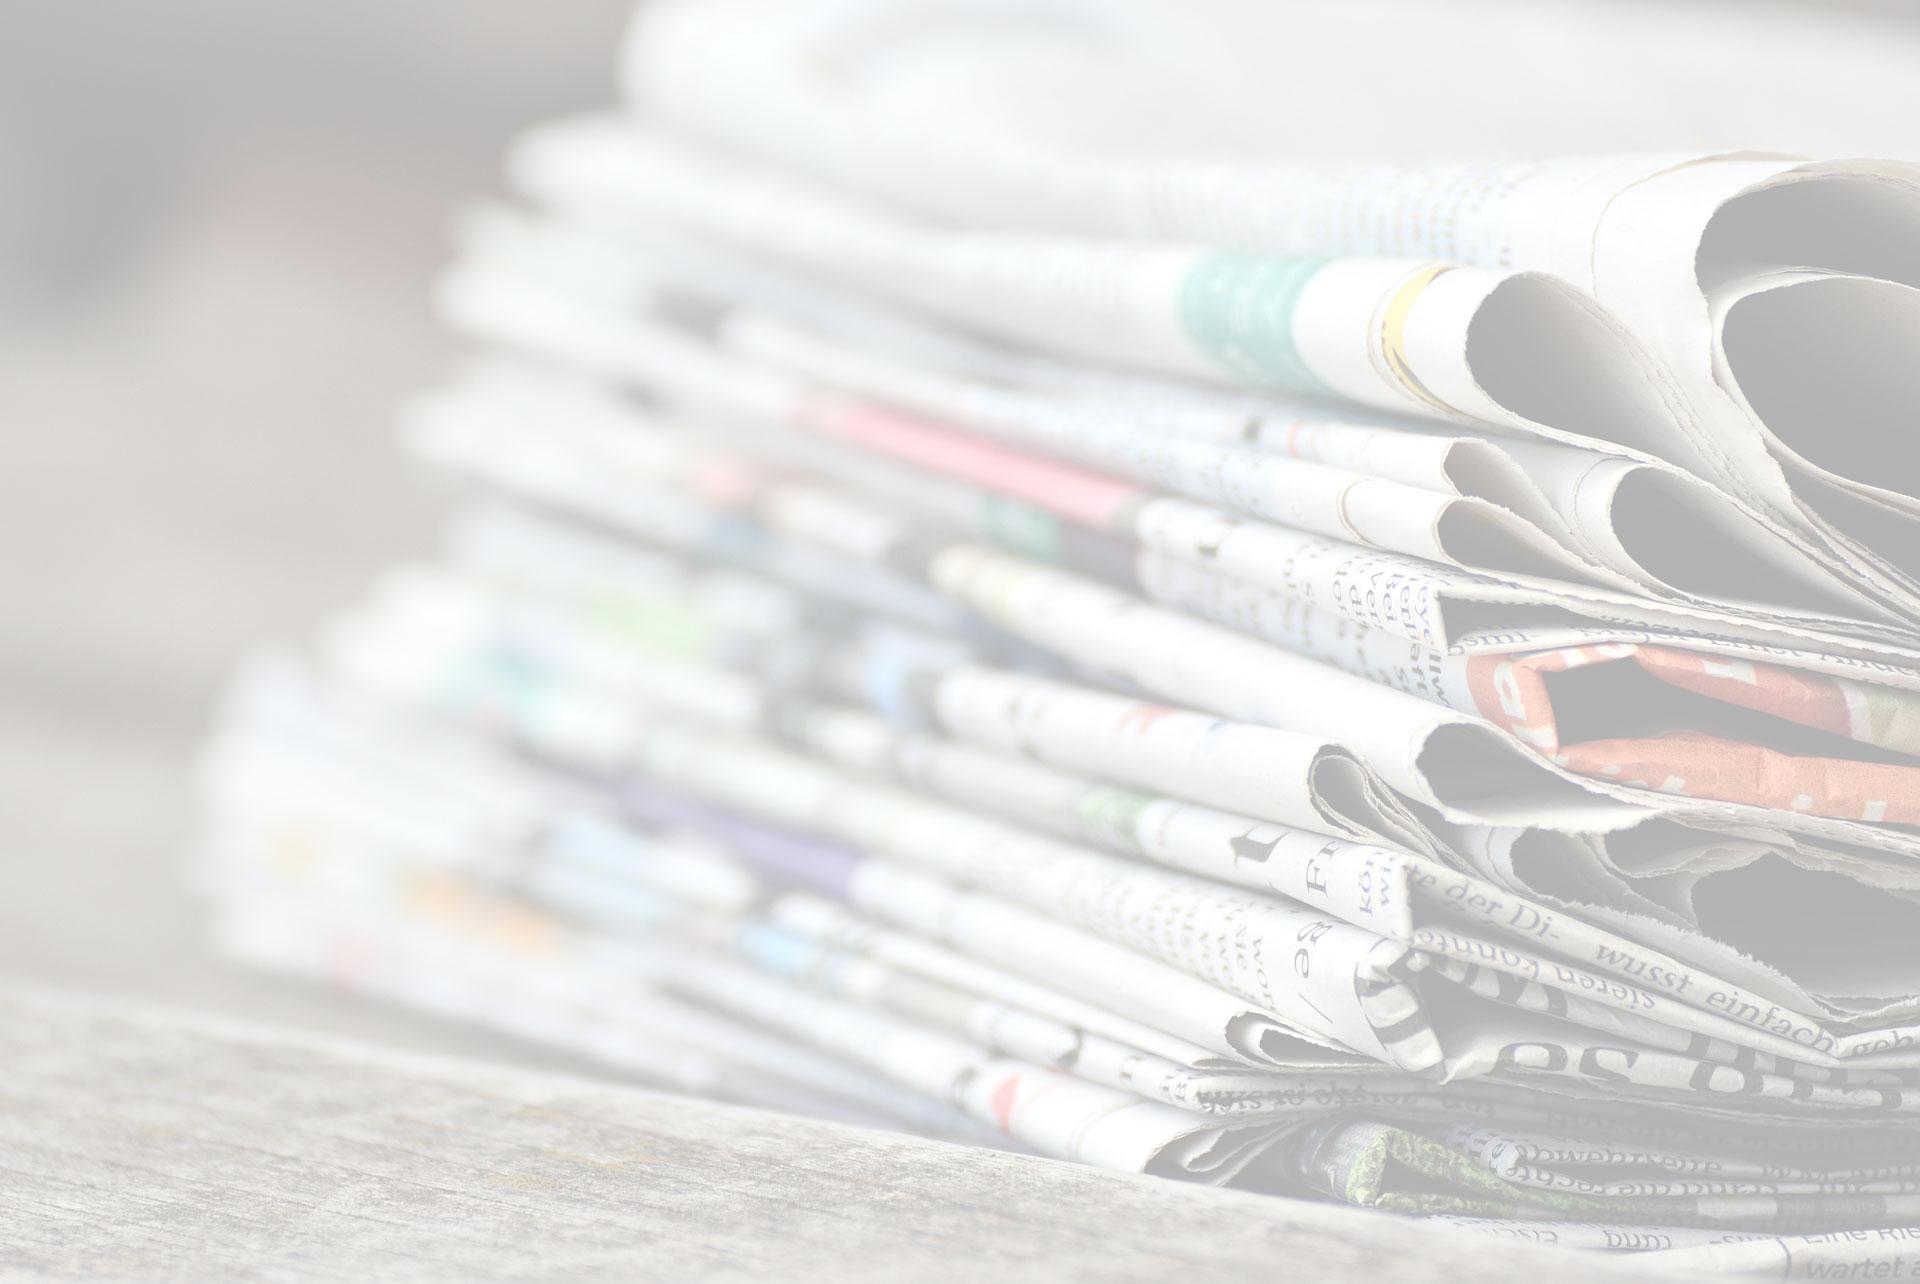 Microfono Non Funziona